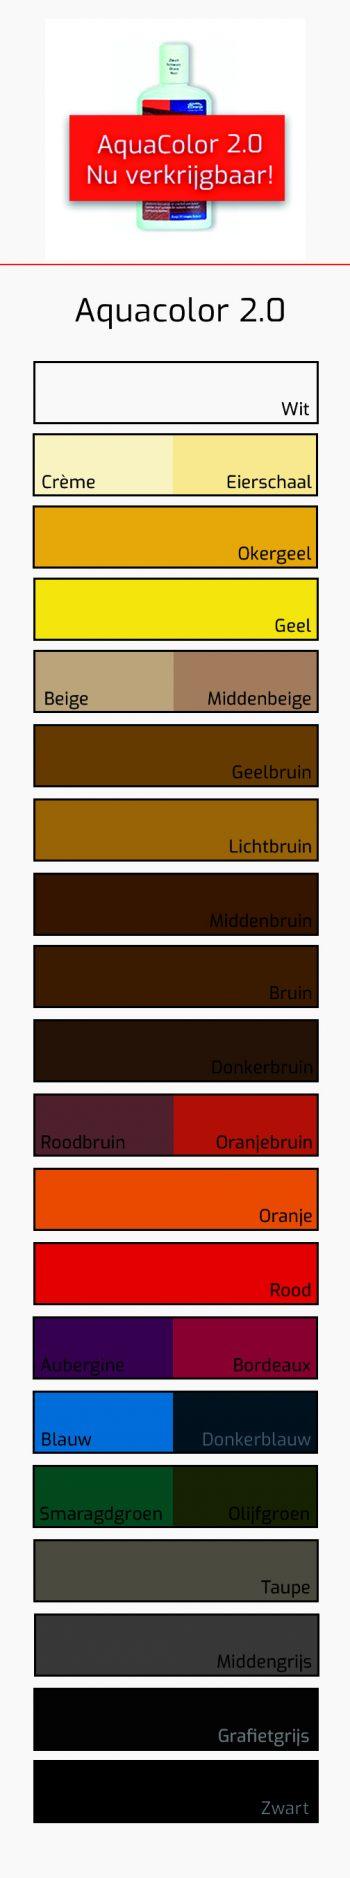 Kleurkaart Aquacolor 2.0